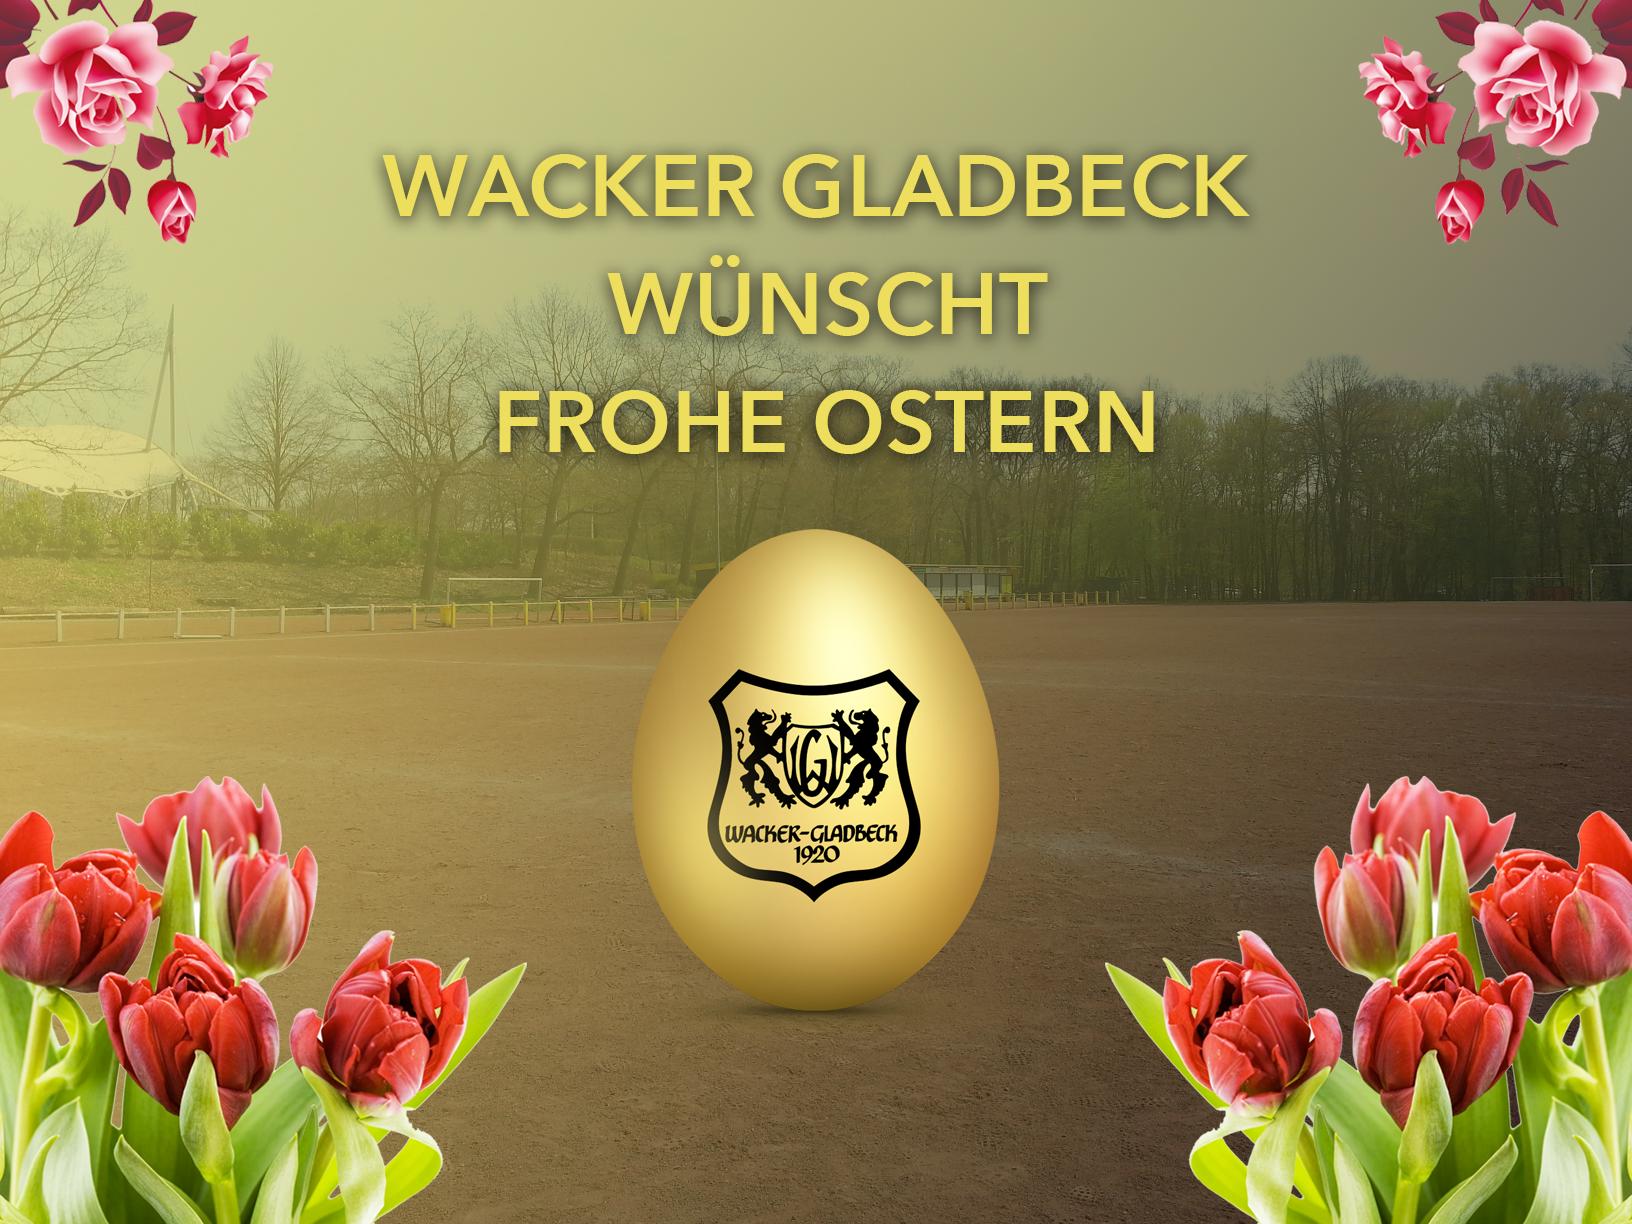 Frohe Ostern wünscht Wacker Gladbeck - Wacker Gladbeck